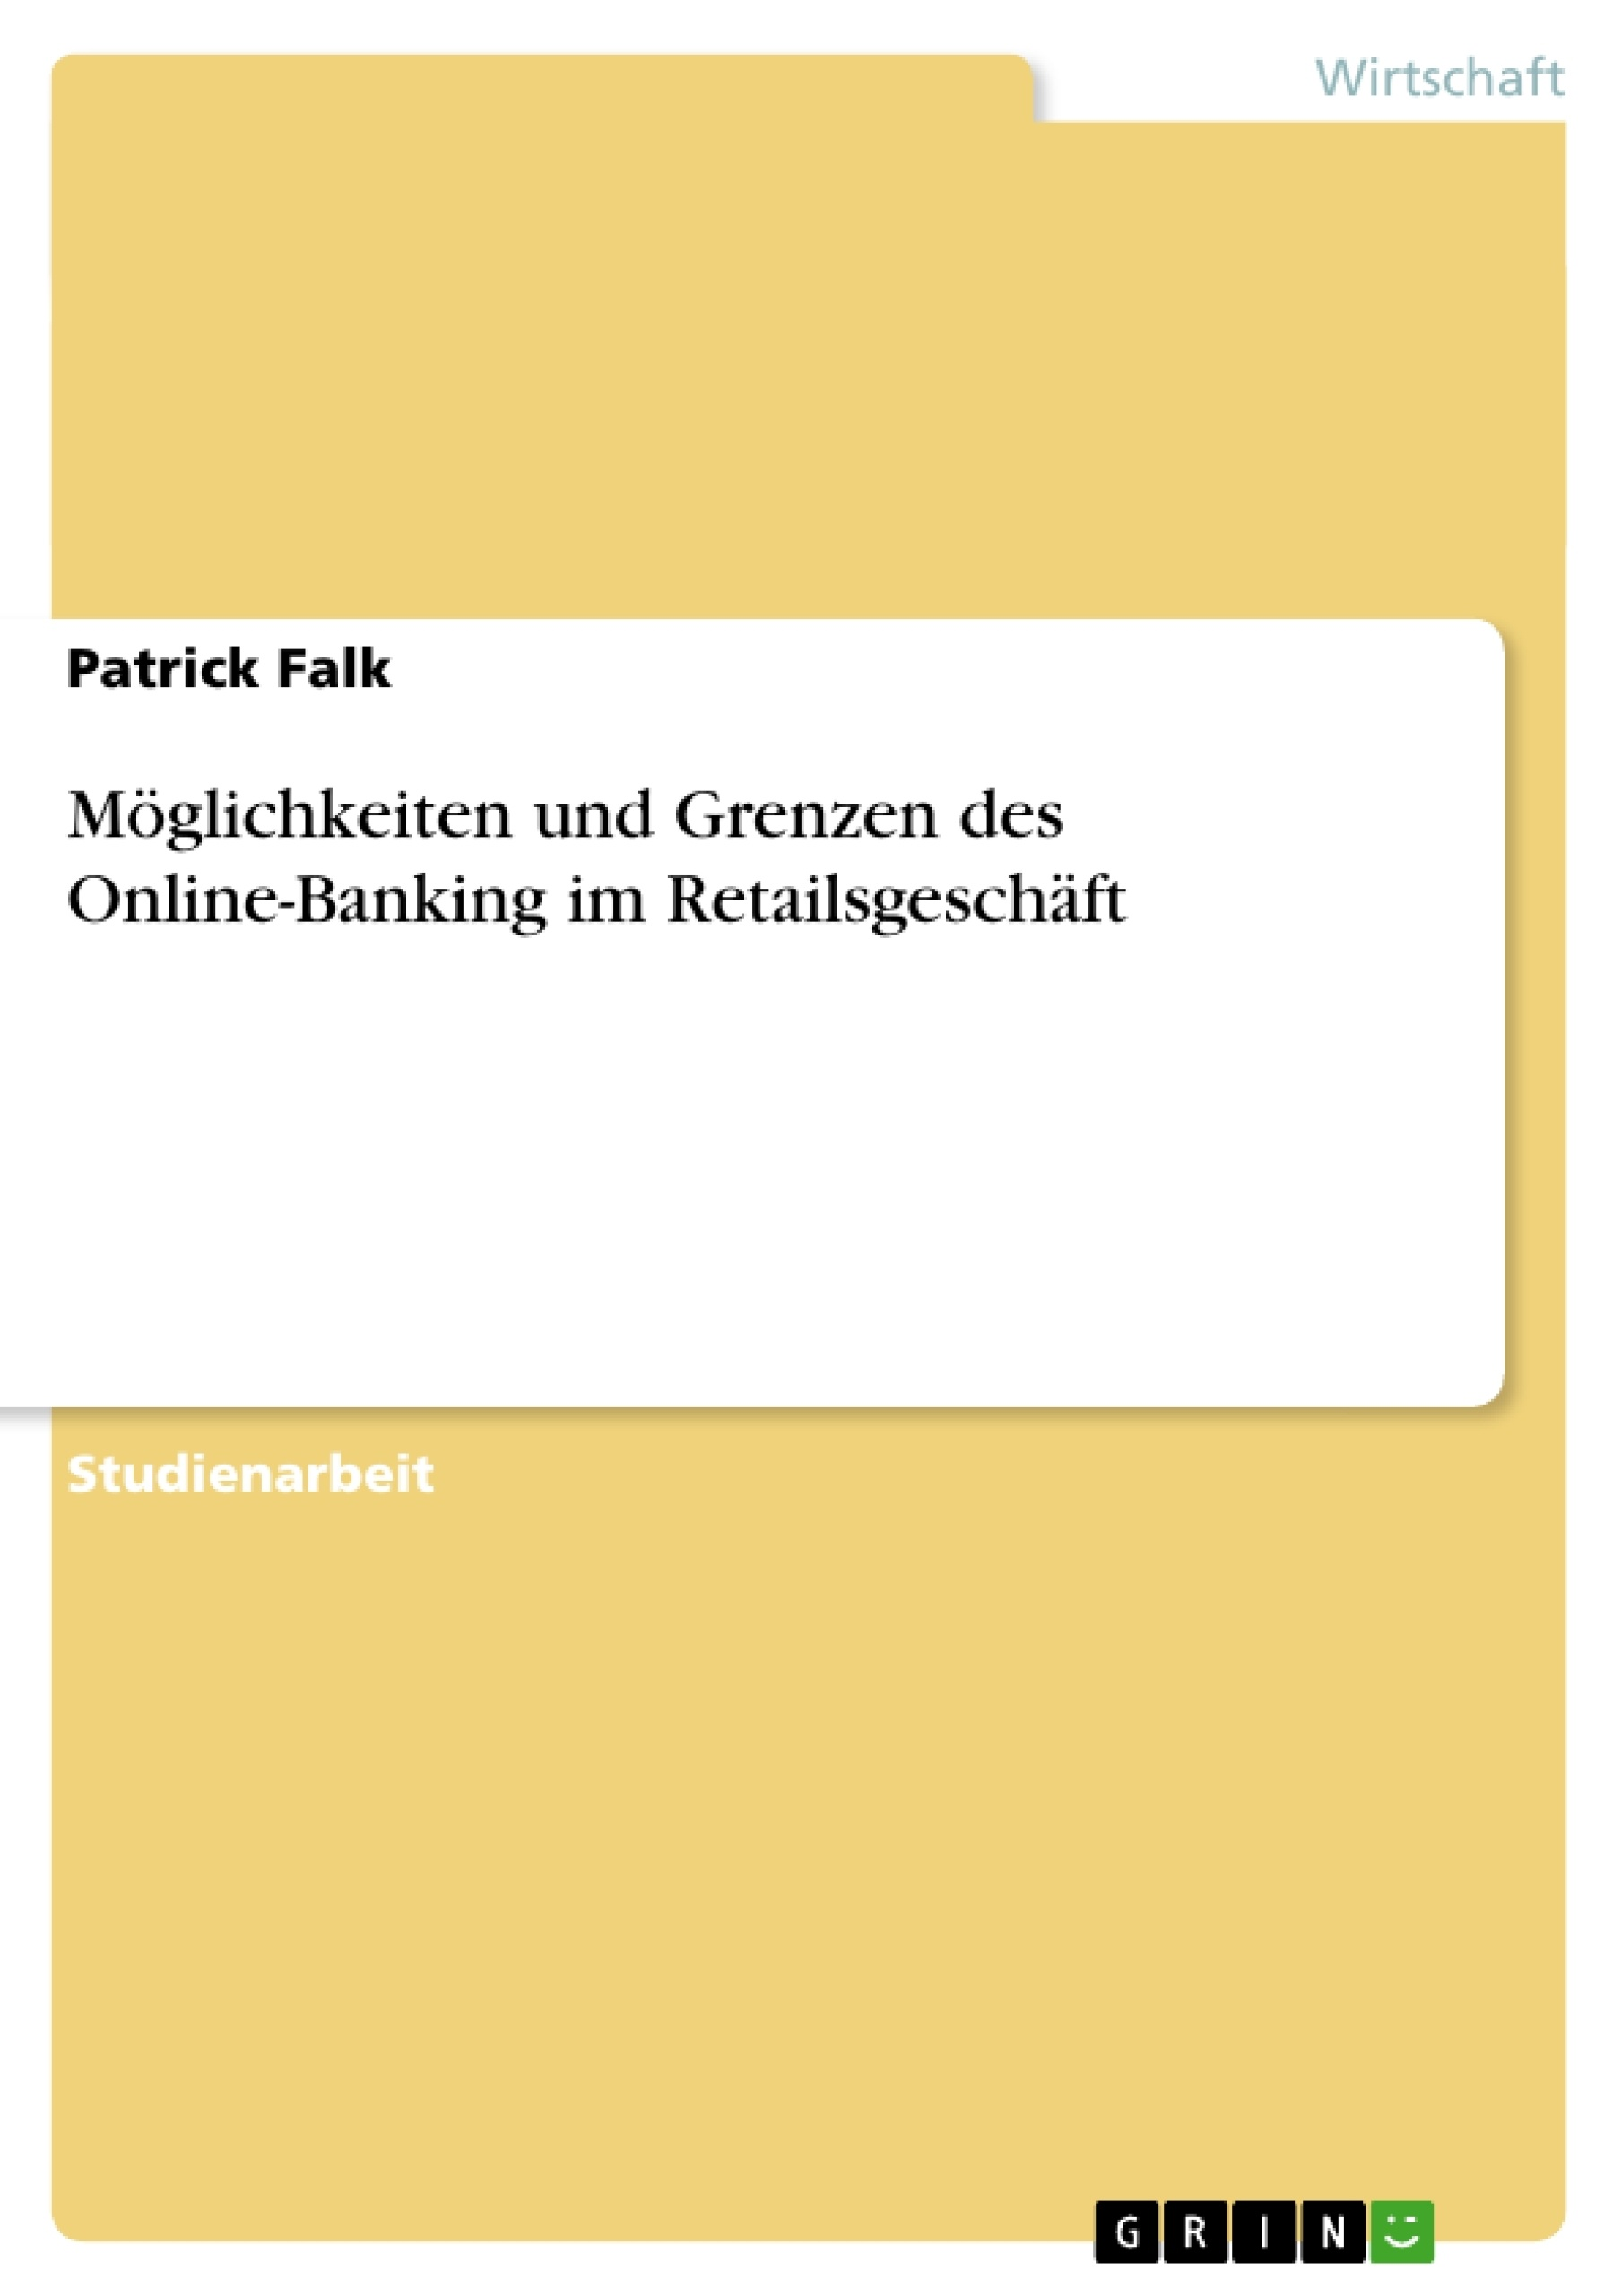 Titel: Möglichkeiten und Grenzen des Online-Banking im Retailsgeschäft